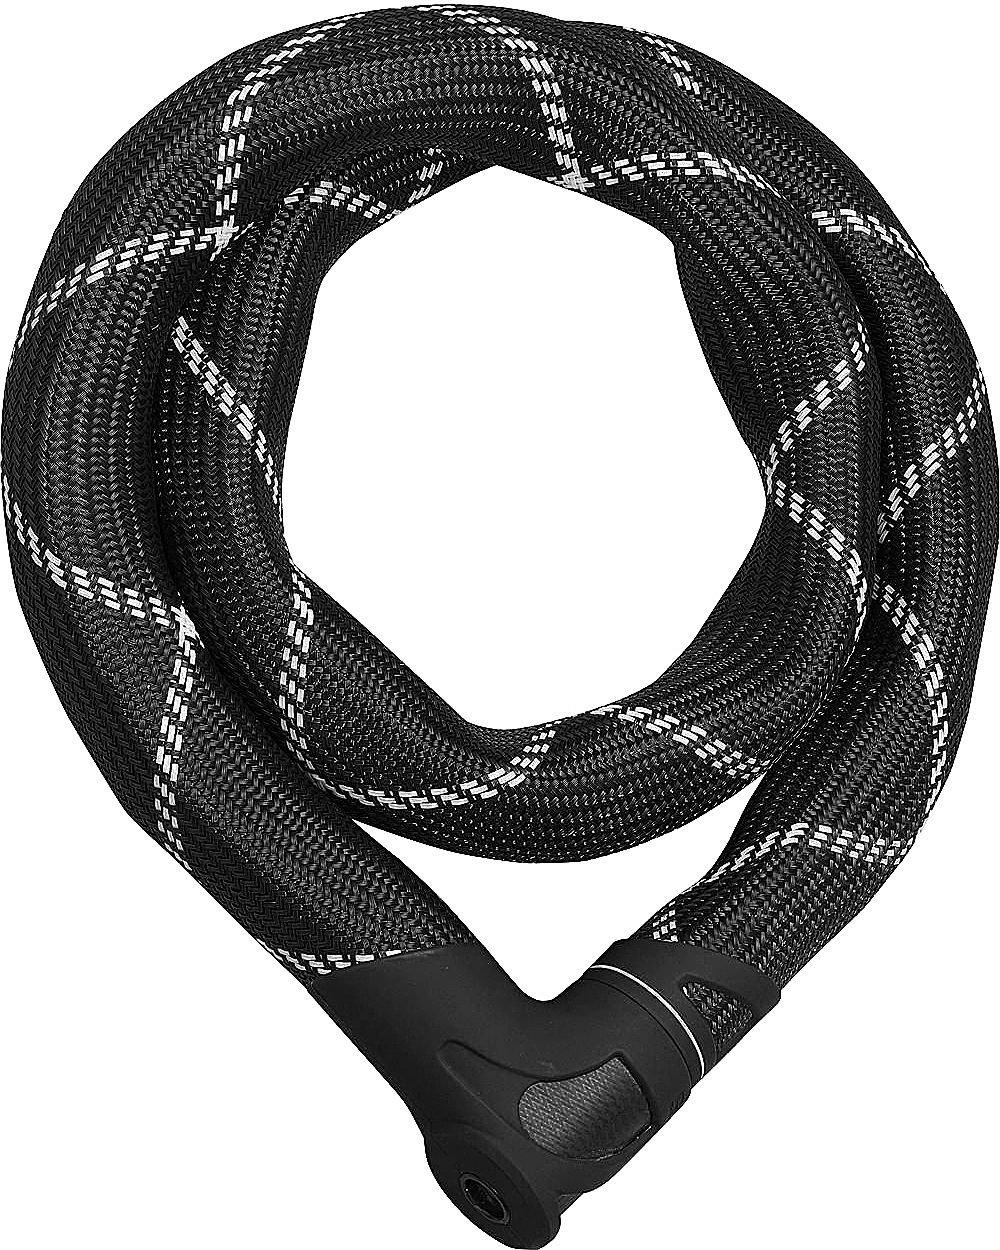 Abus Kettenschloss Iven Chain 8210 85 schwarz matt